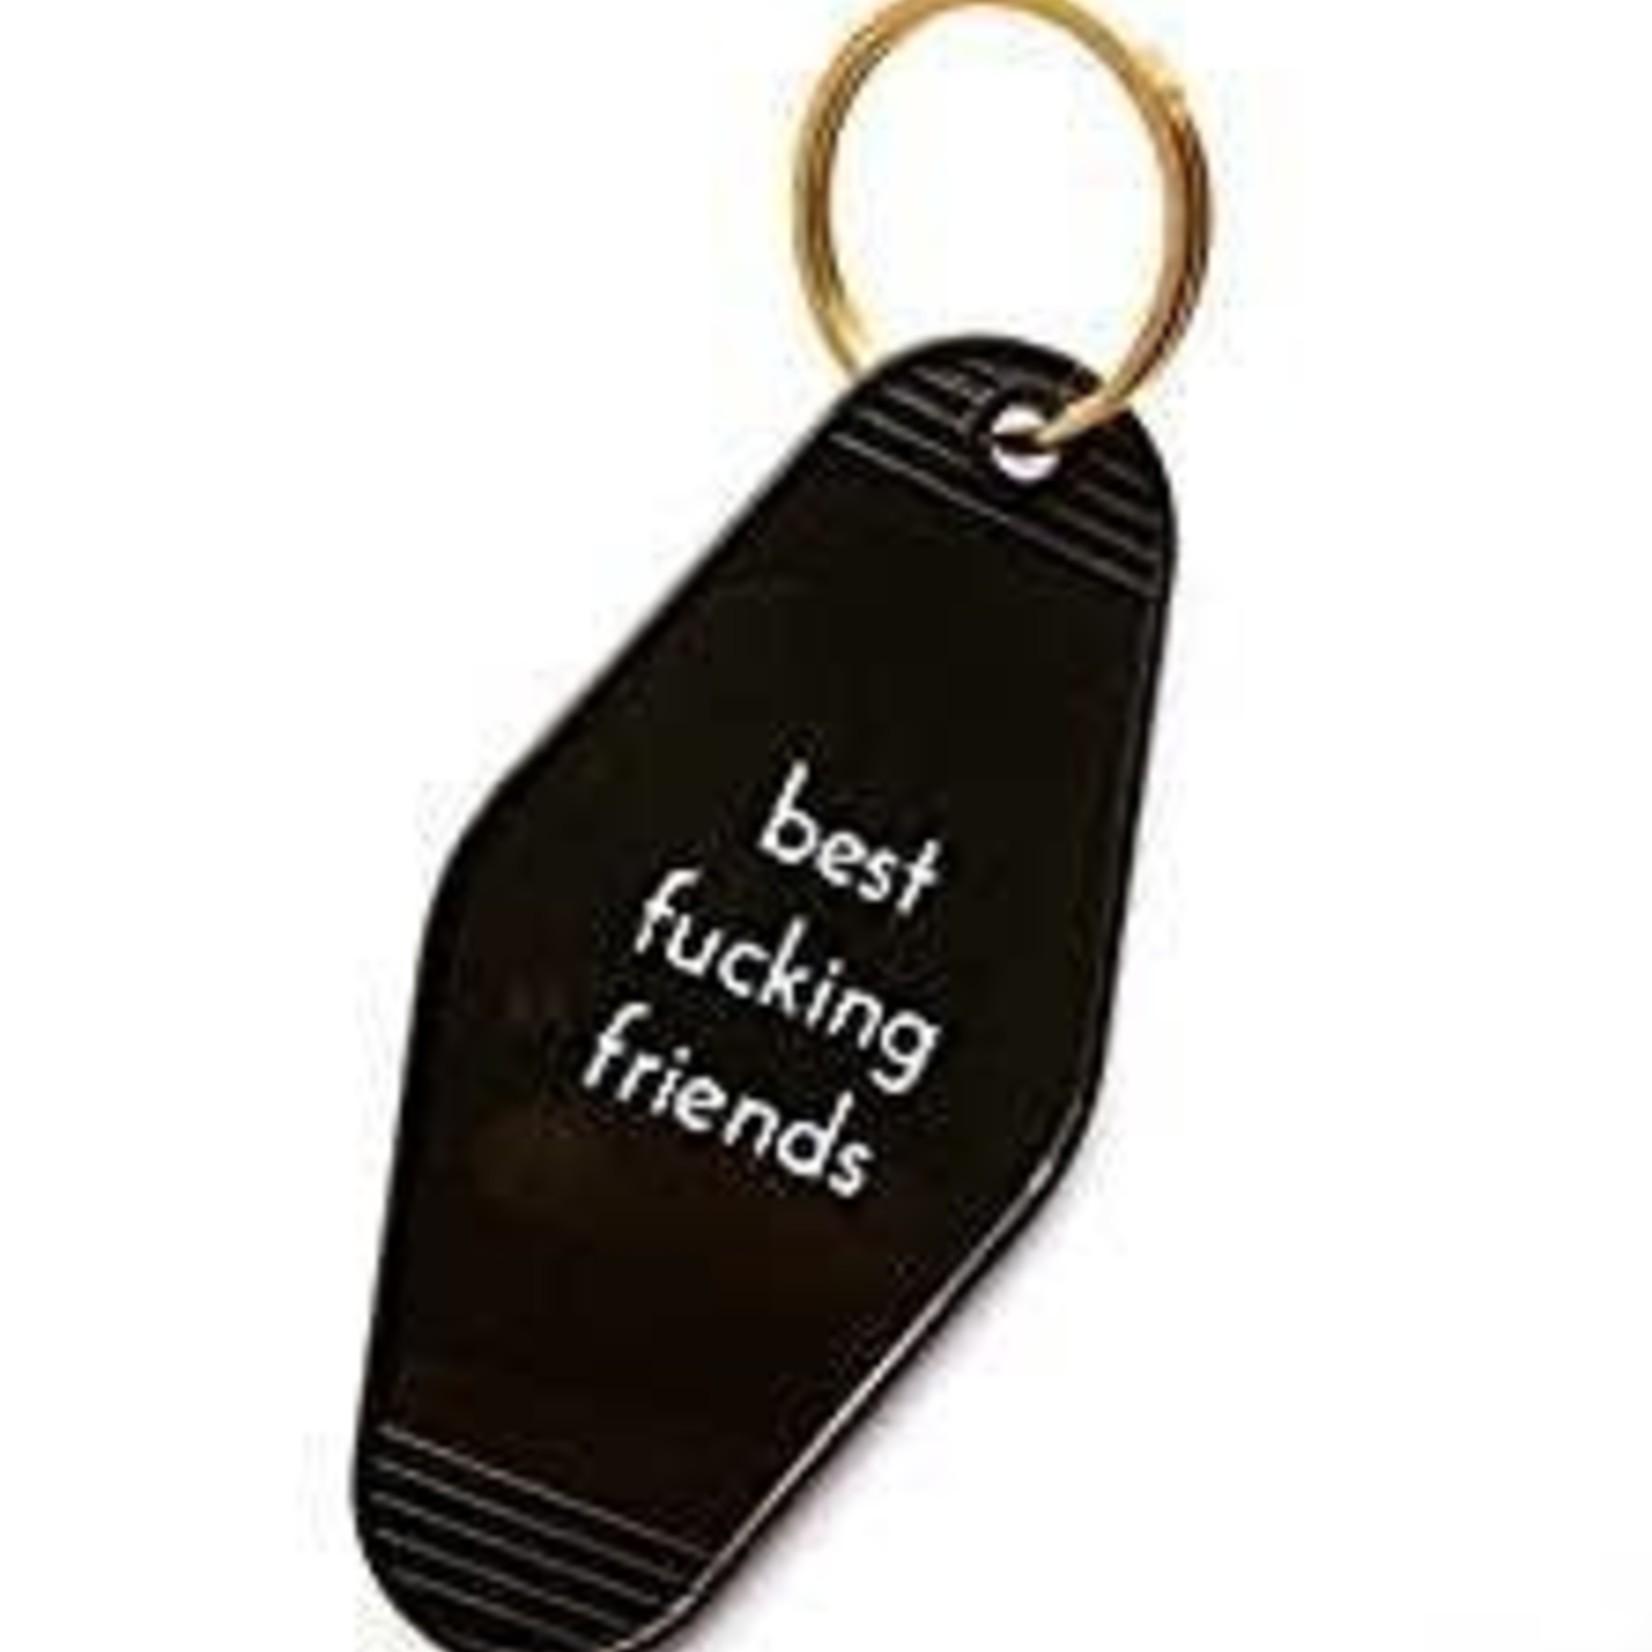 He Said She Said He Said Keychain Best Fucking Friends